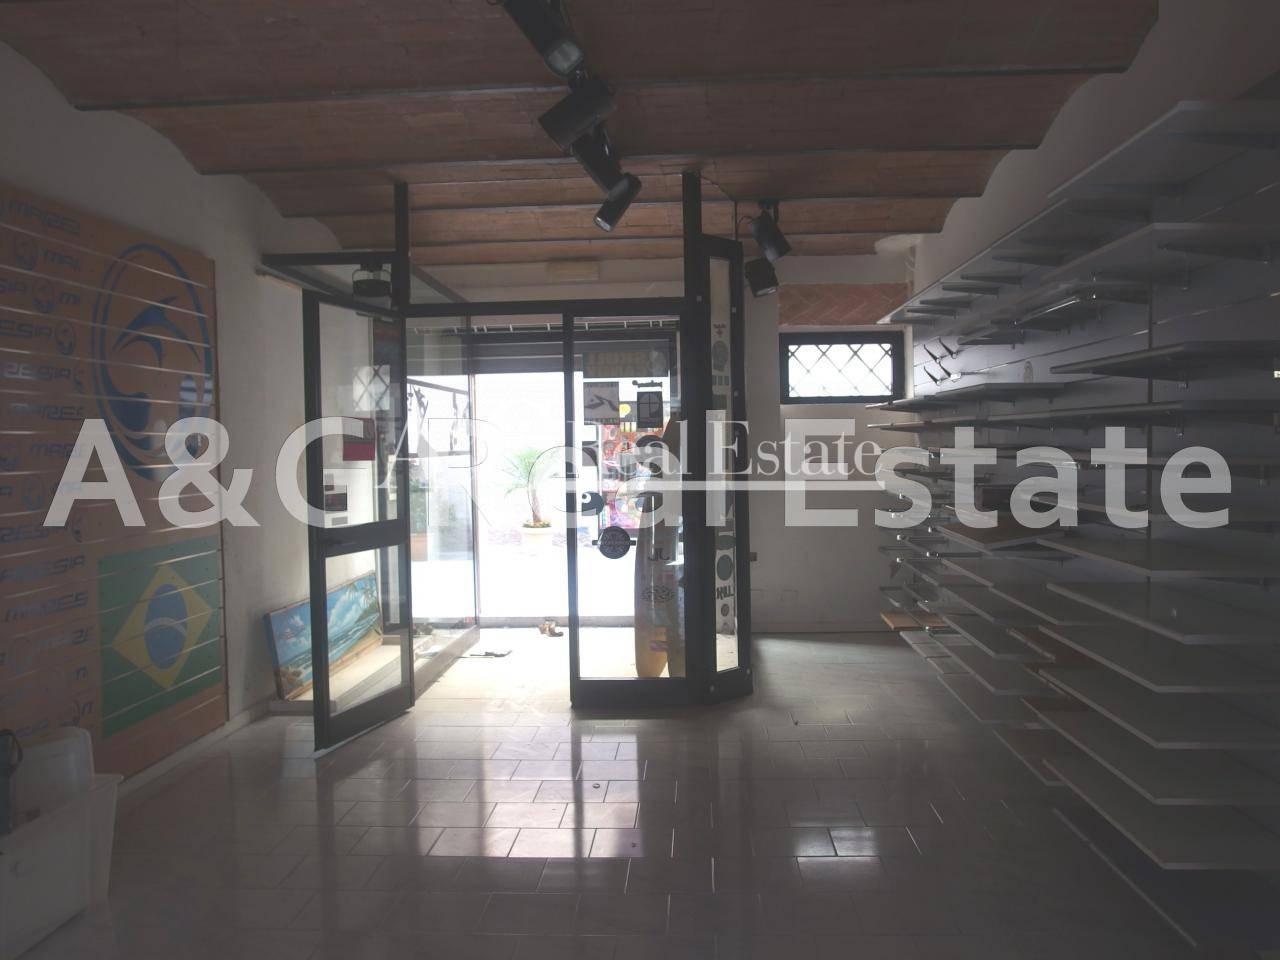 Negozio / Locale in vendita a Grosseto, 9999 locali, zona Località: Città, prezzo € 150.000 | Cambio Casa.it